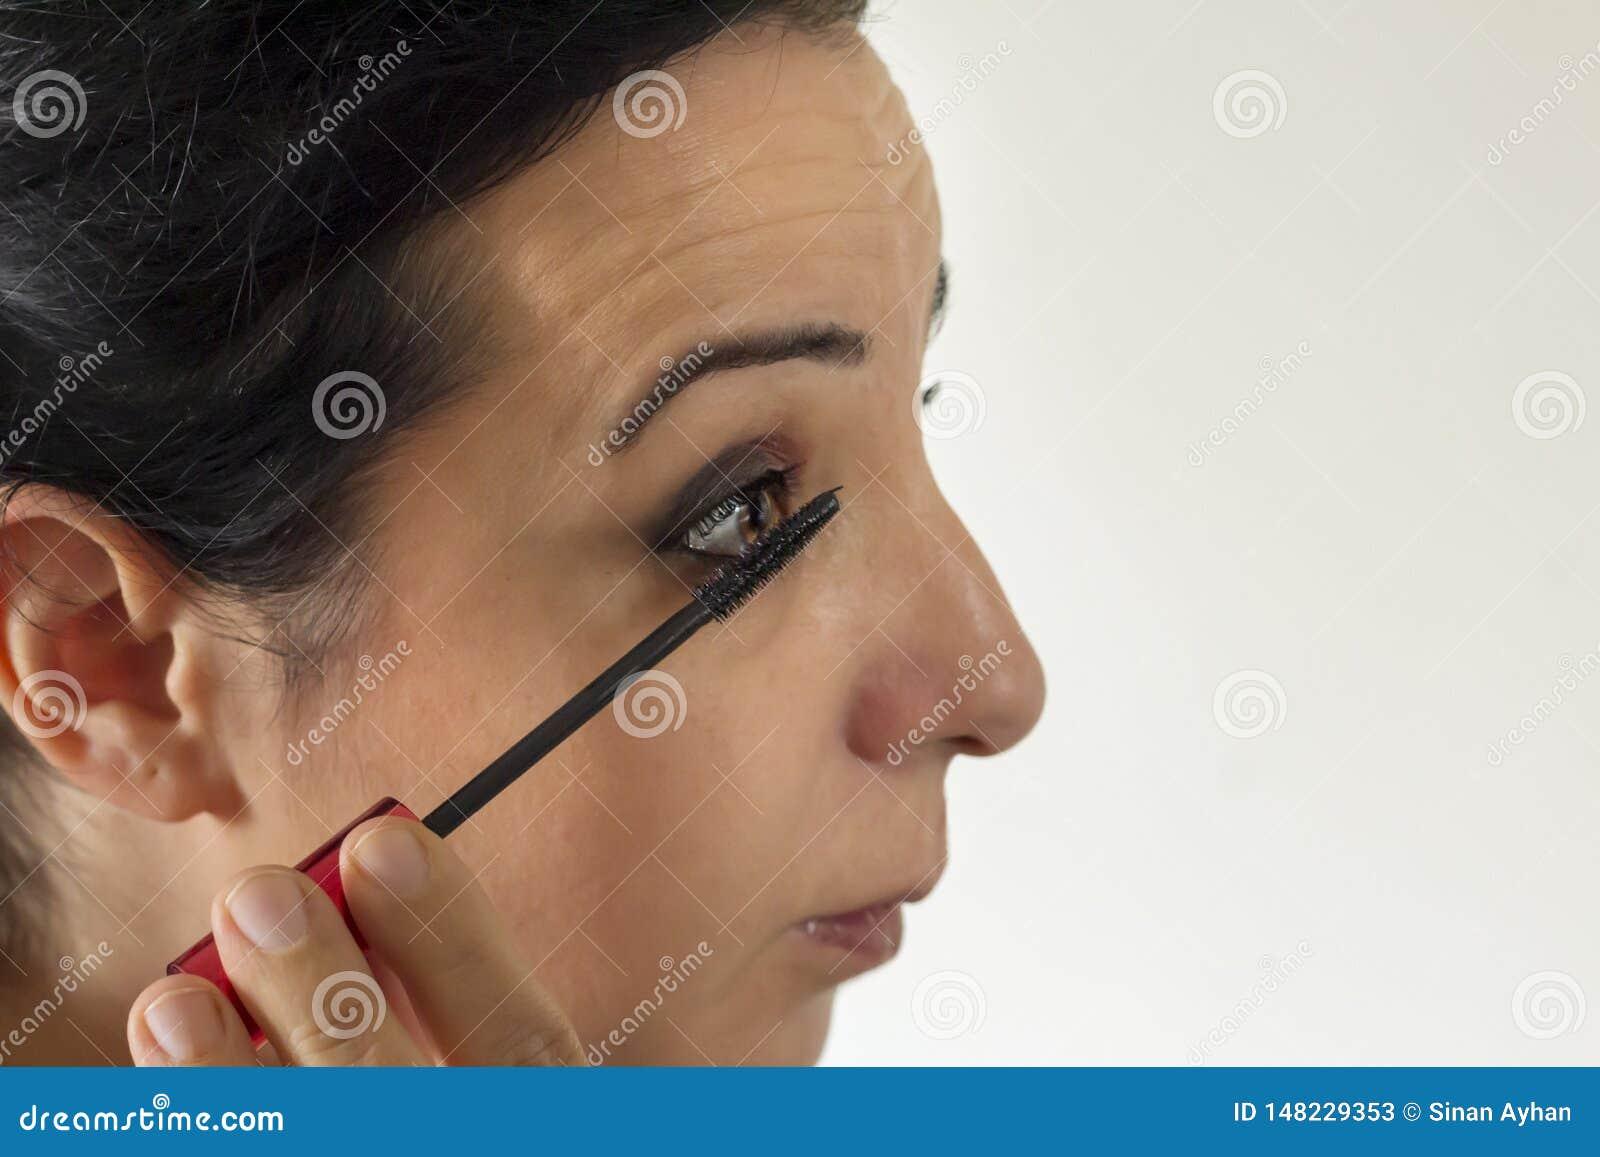 She make up with eye brush mascara